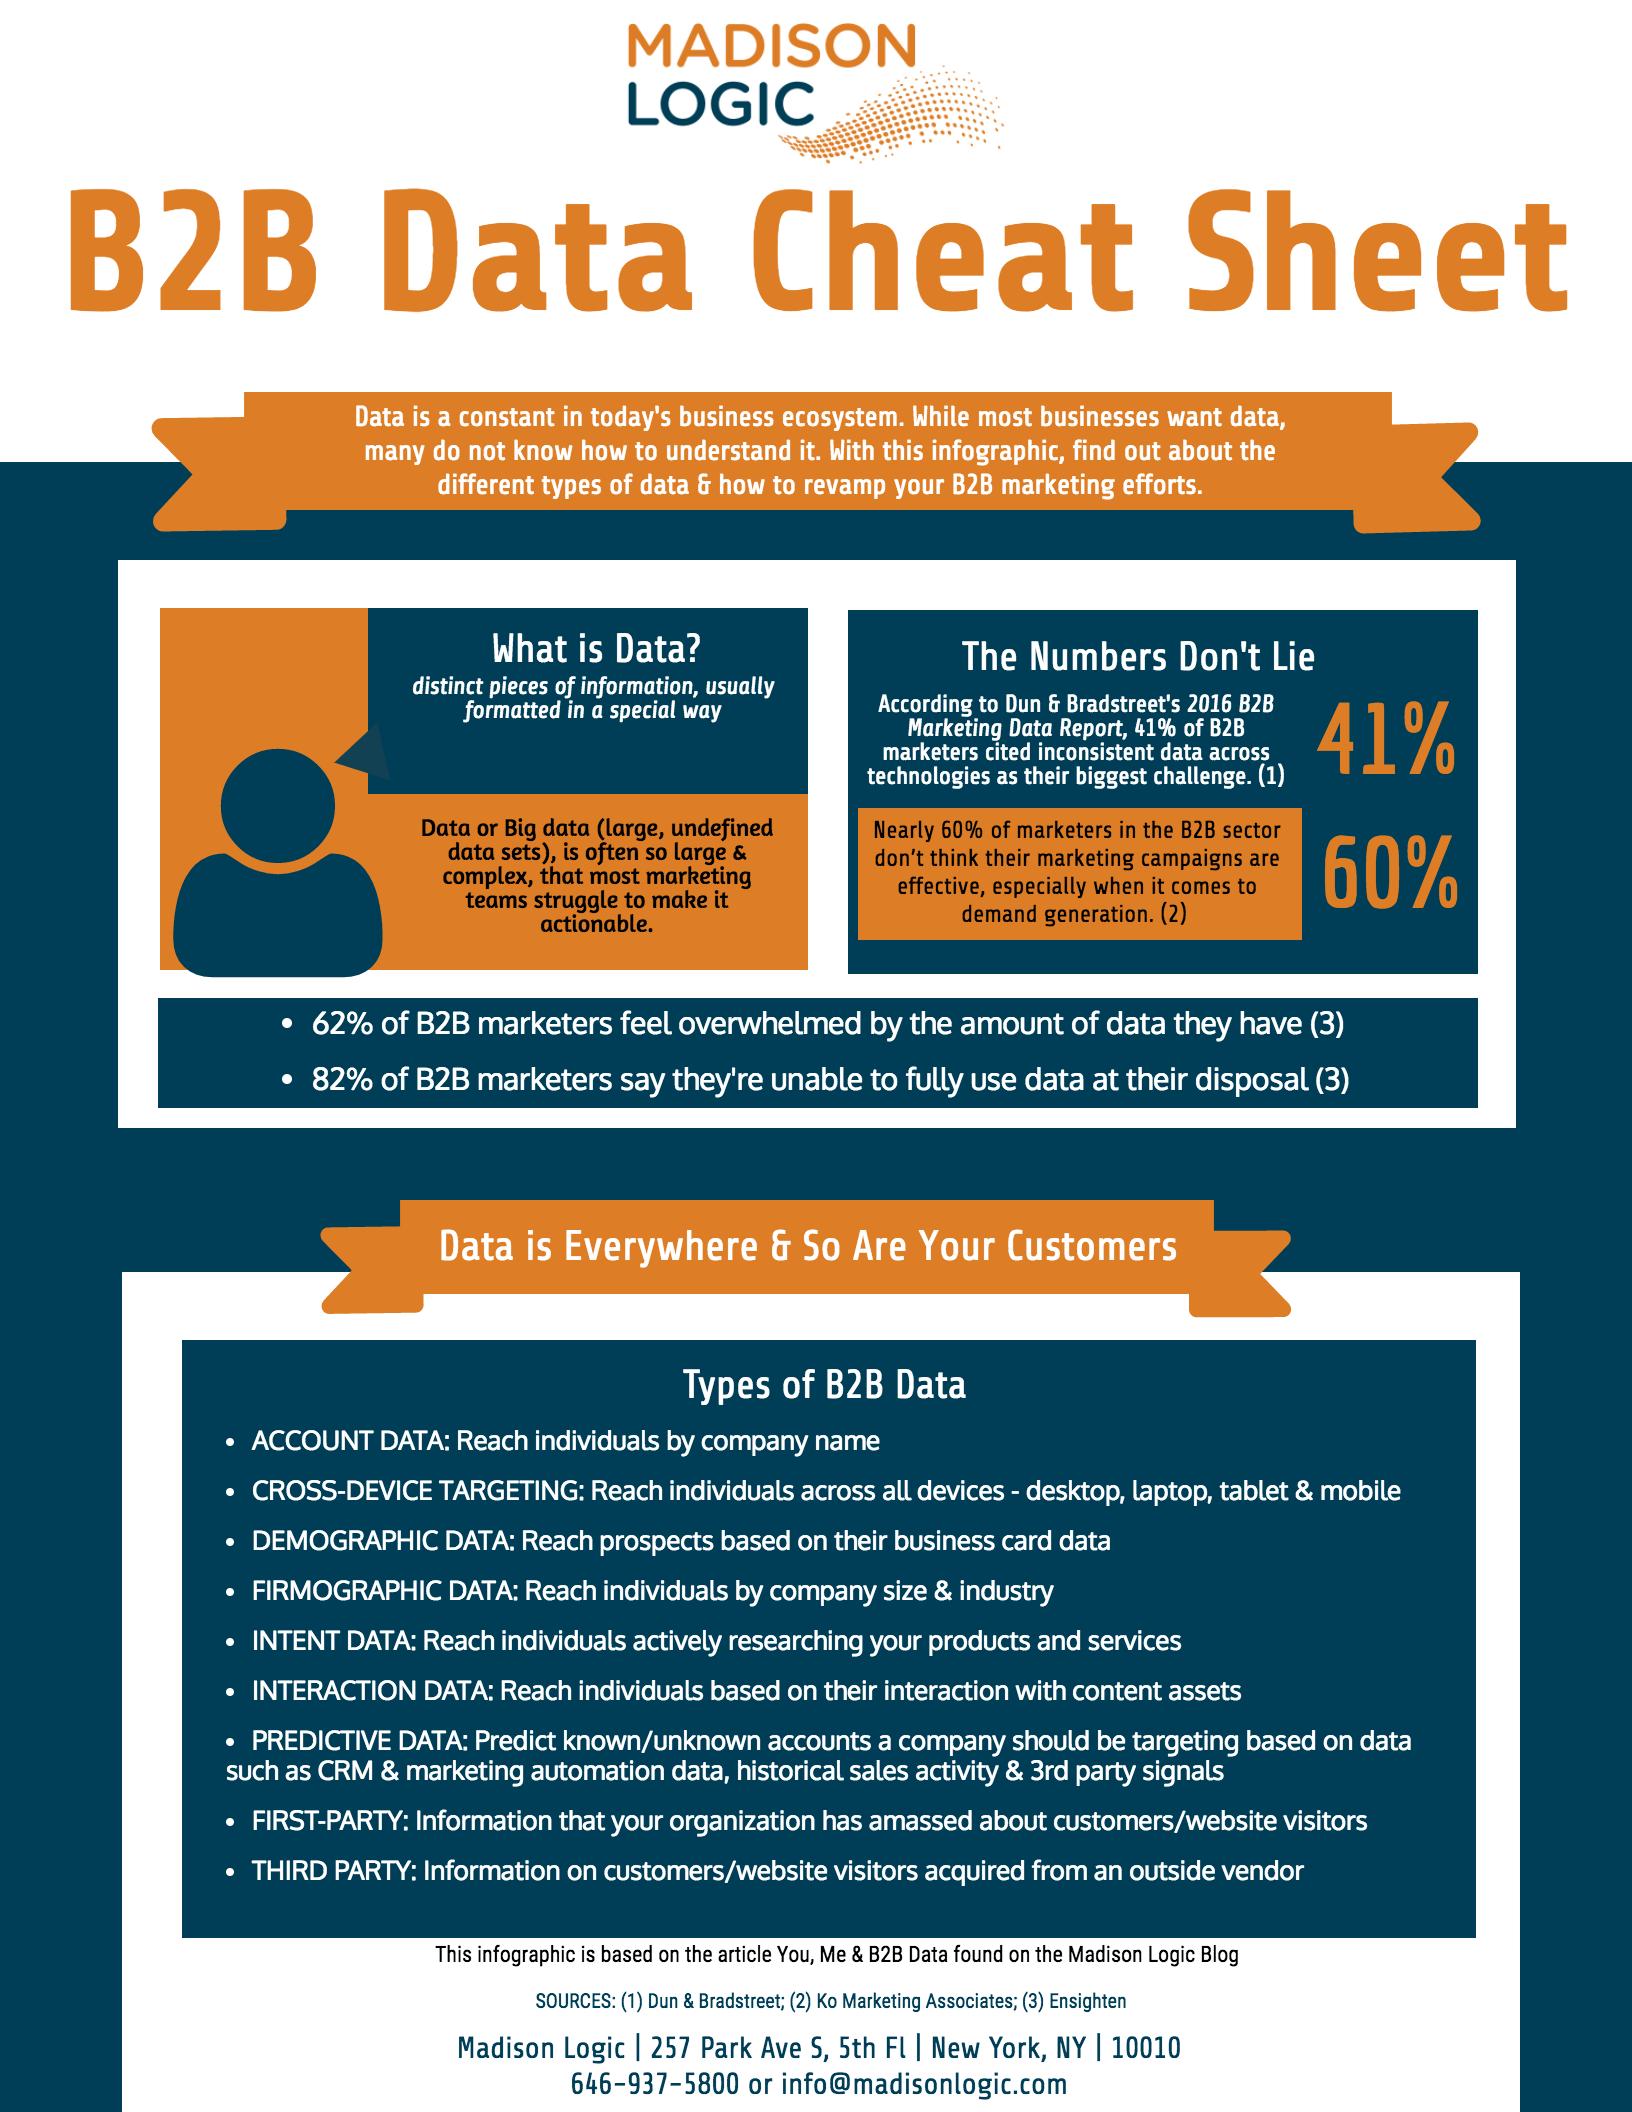 B2B Data Cheat Sheet image